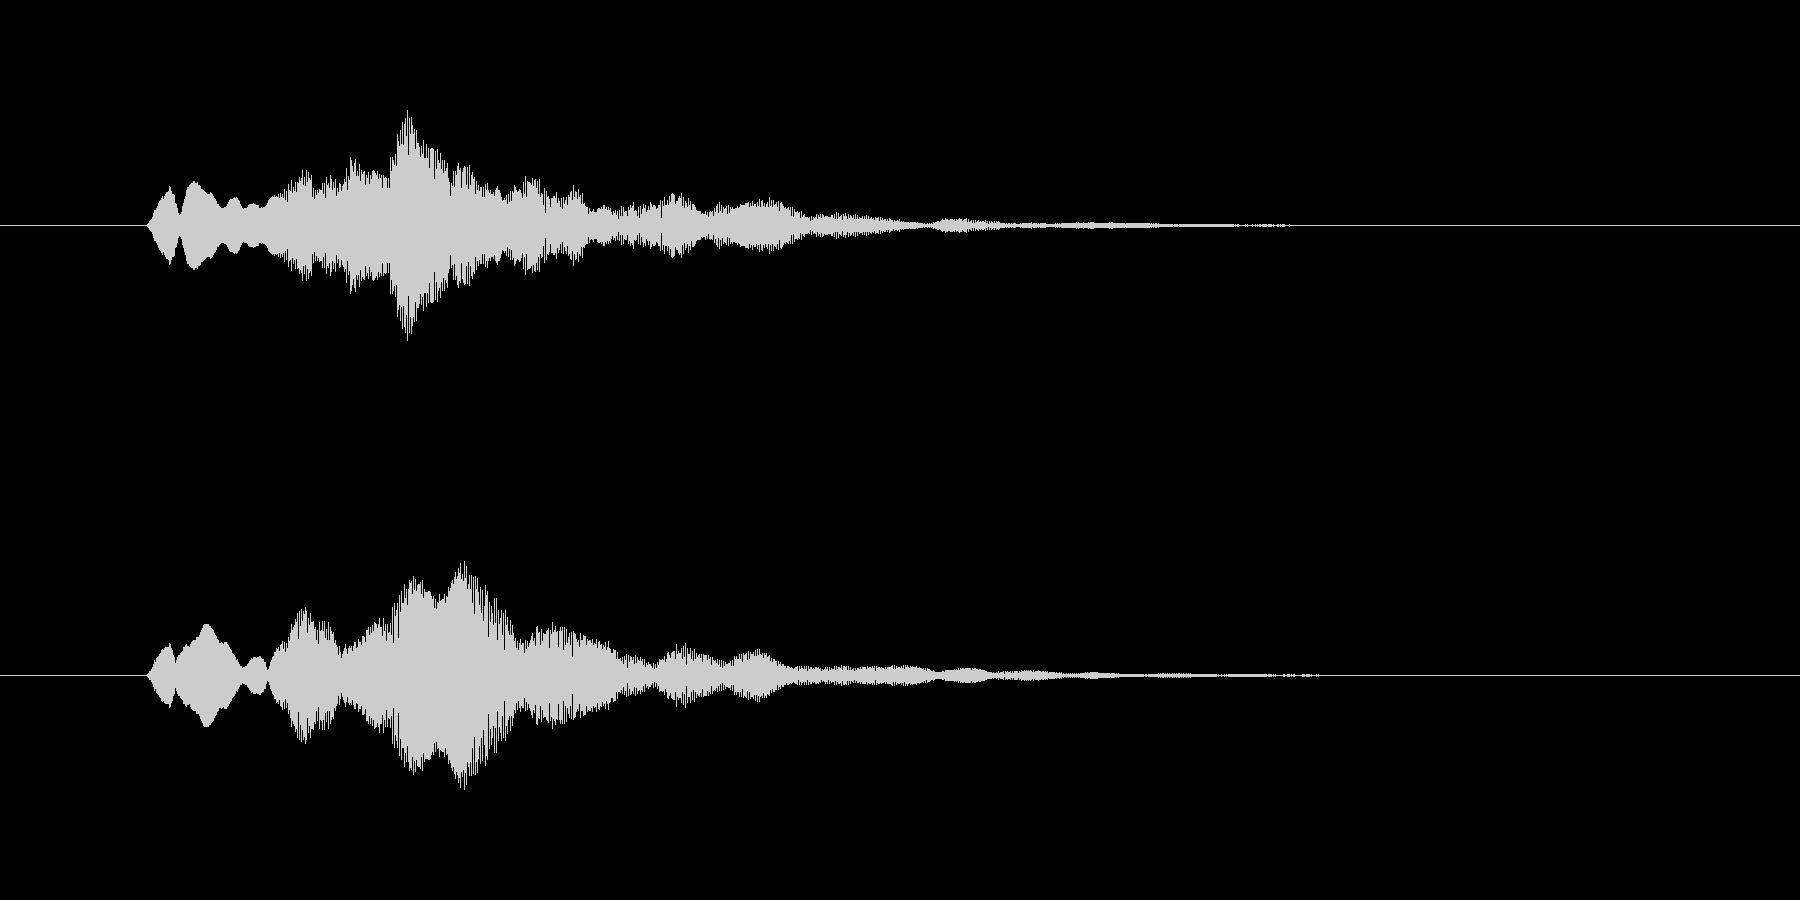 ファーンという幻想的なグラスハープの音の未再生の波形